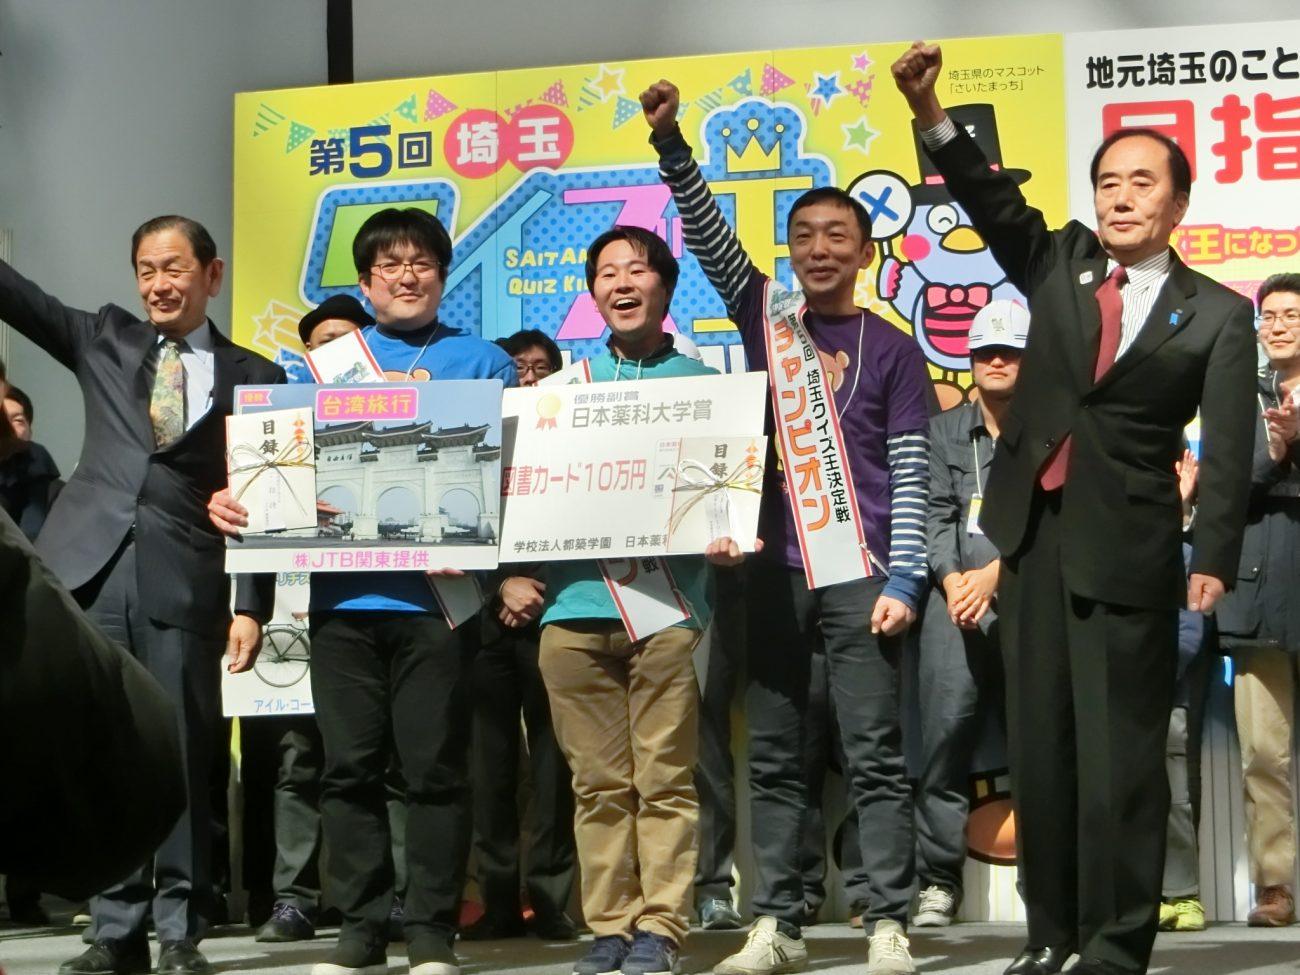 初のV2王者誕生!「埼玉に関する知識ナンバー1」を競う『第5回埼玉クイズ王決定戦』レポート